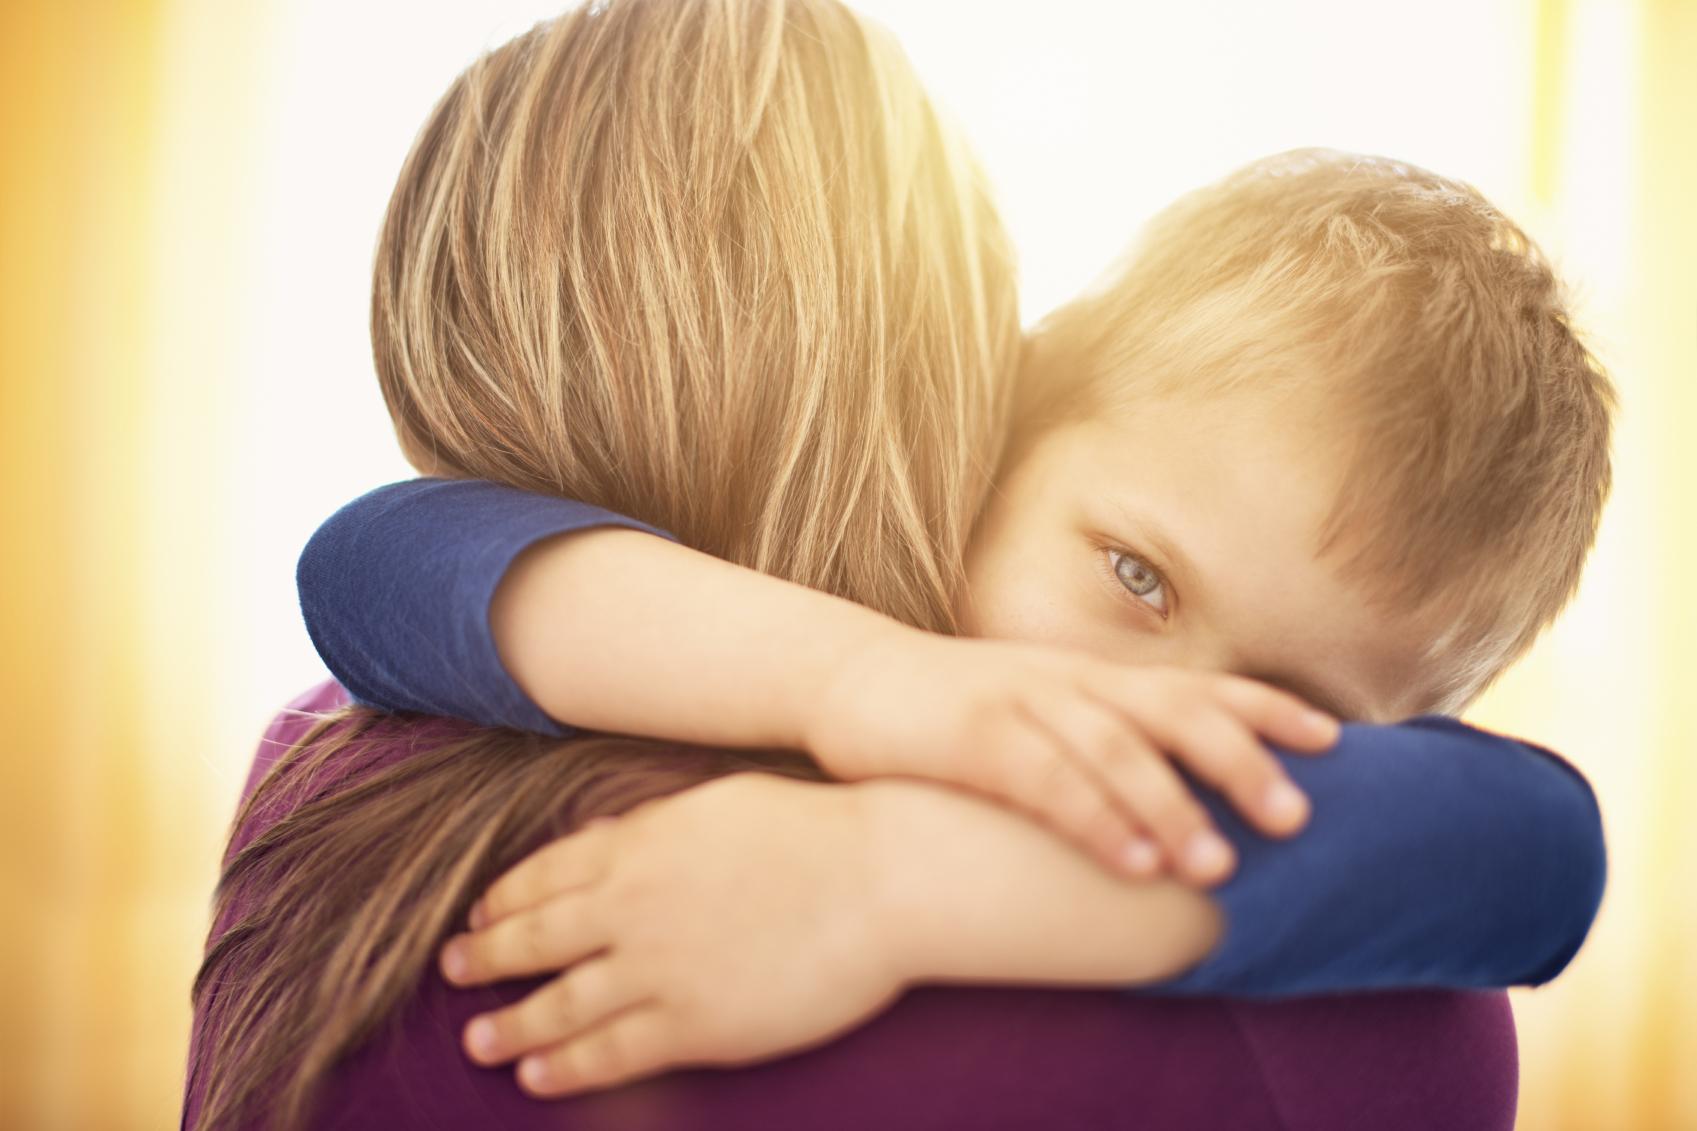 """Scrisoarea înduişătoare a unui copil: """"Dacă eu nu te compar cu altă mamă, tu de ce mă compari cu alt copil?"""""""